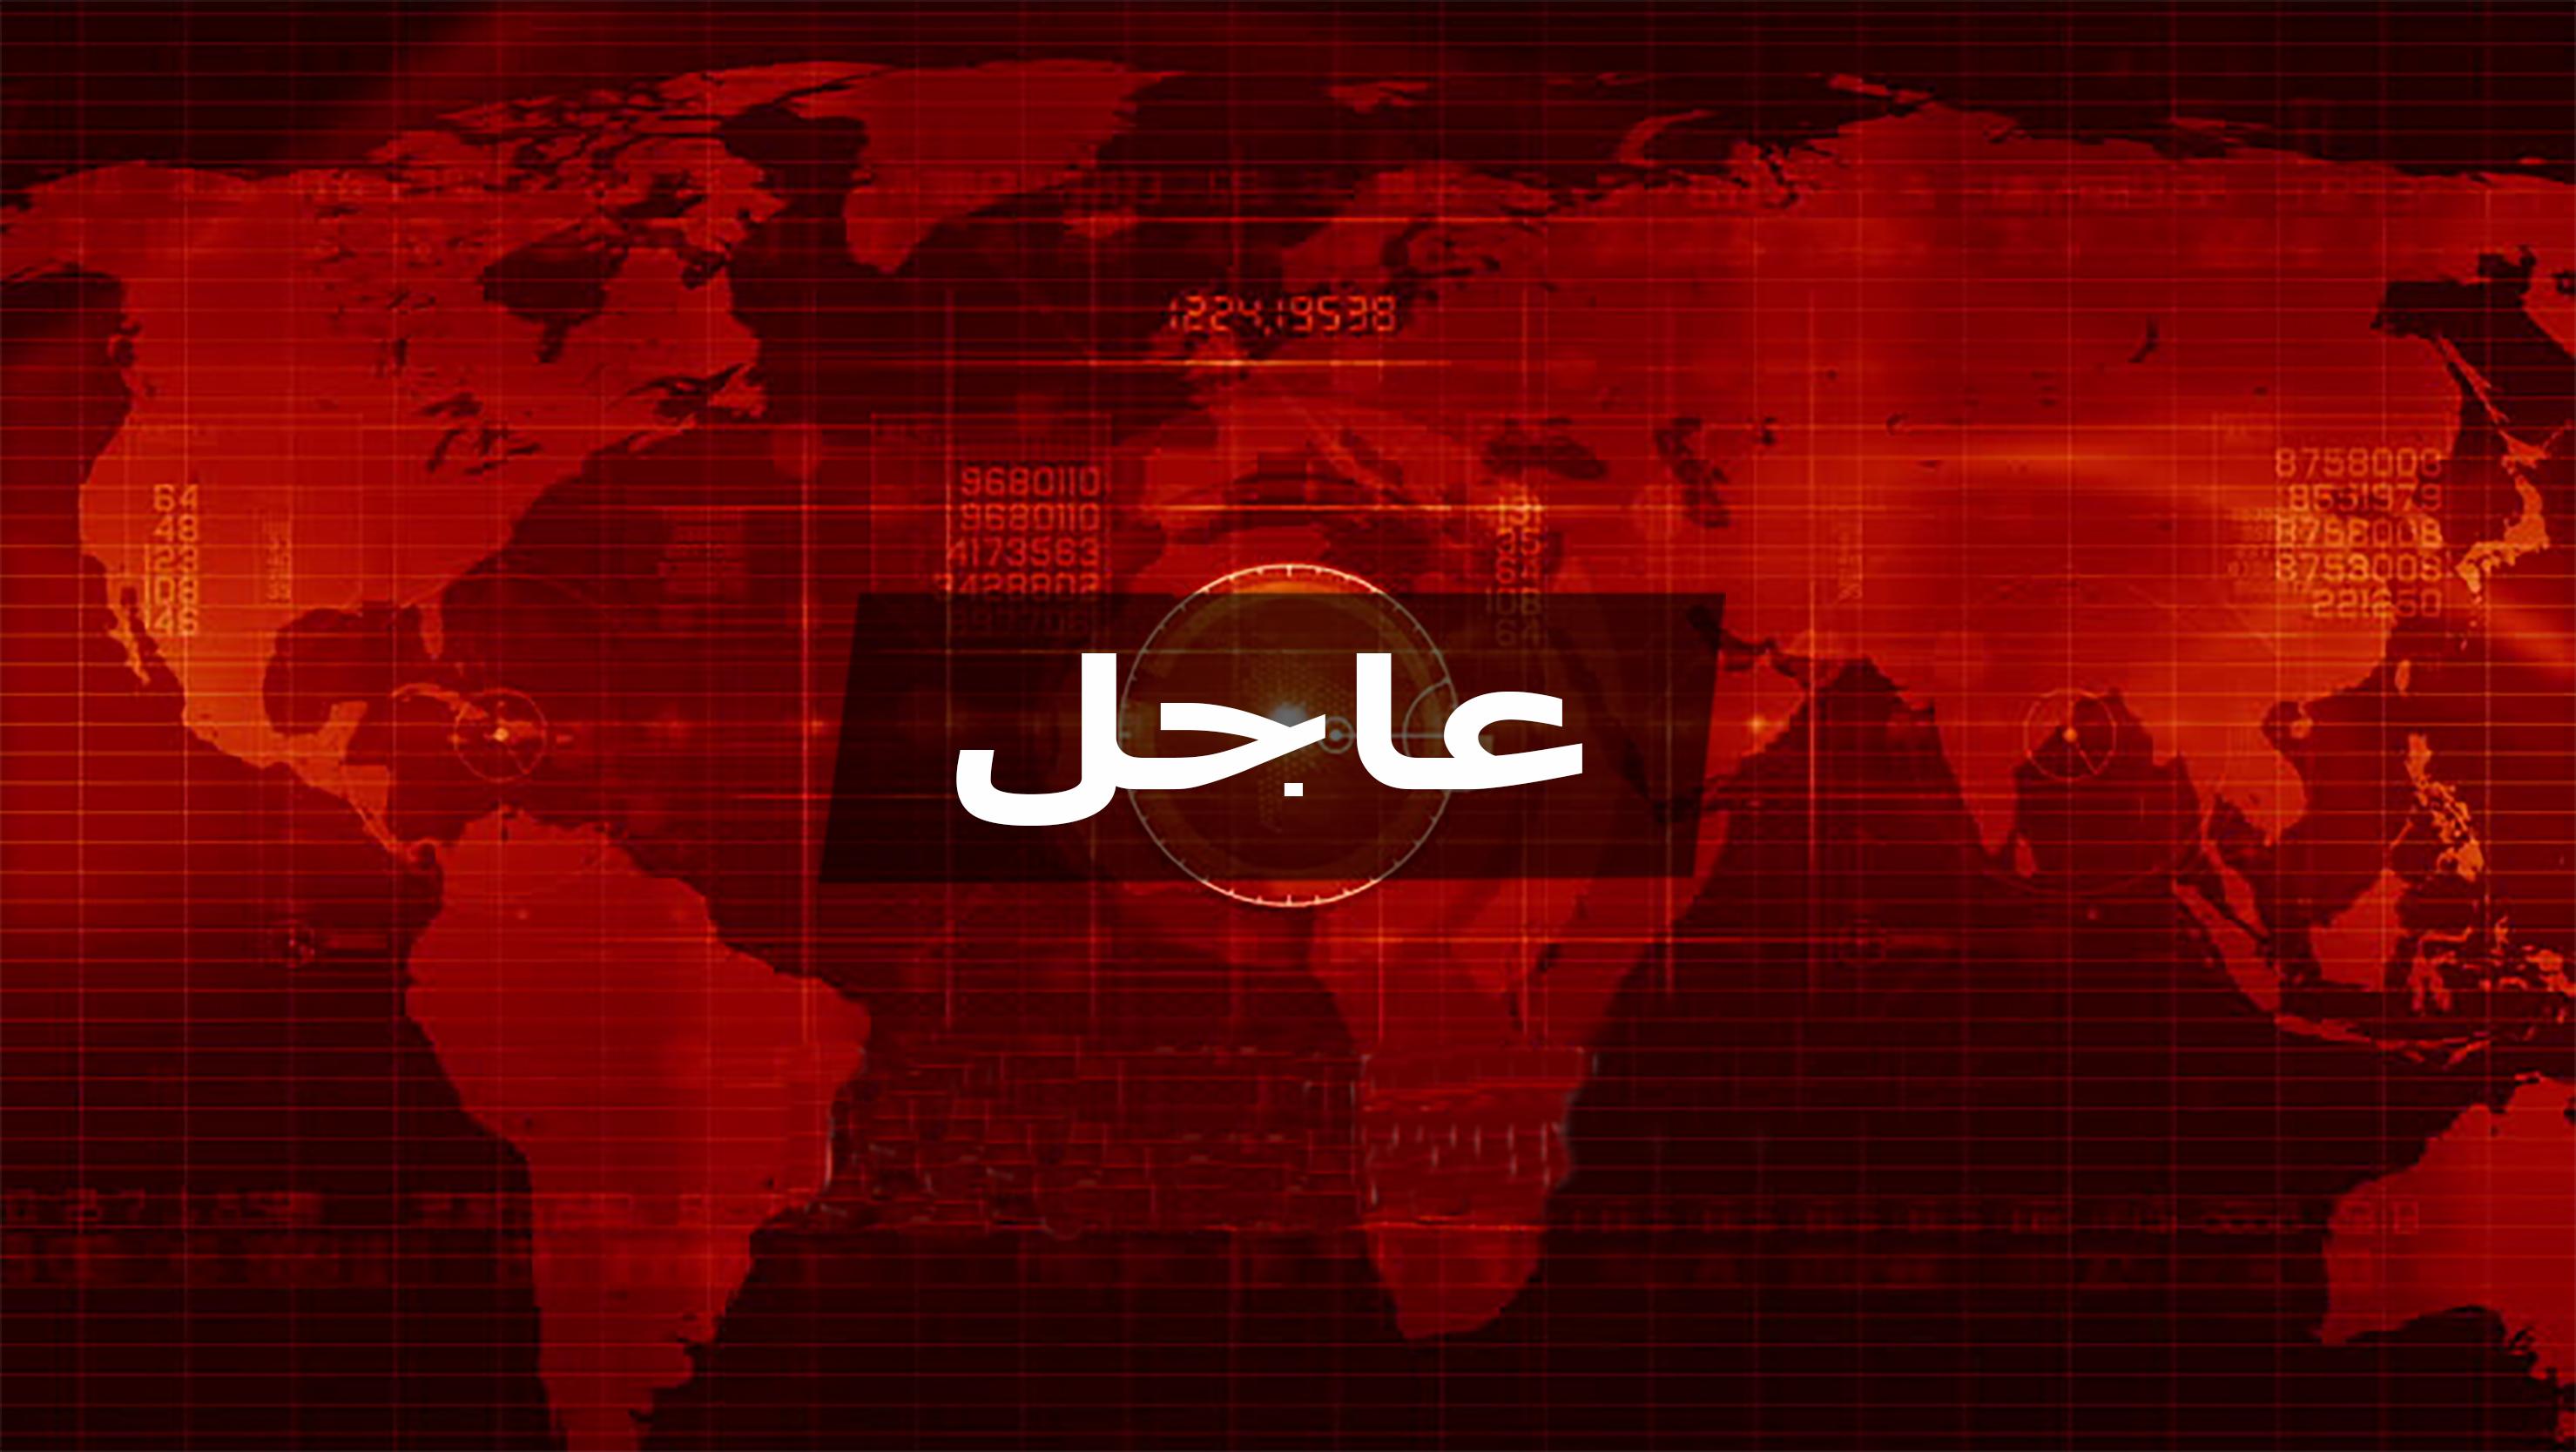 مقتل وإصابة 4 من عناصر الاستخبارات التركية في عملية استهدفت مقرهم في اعزاز